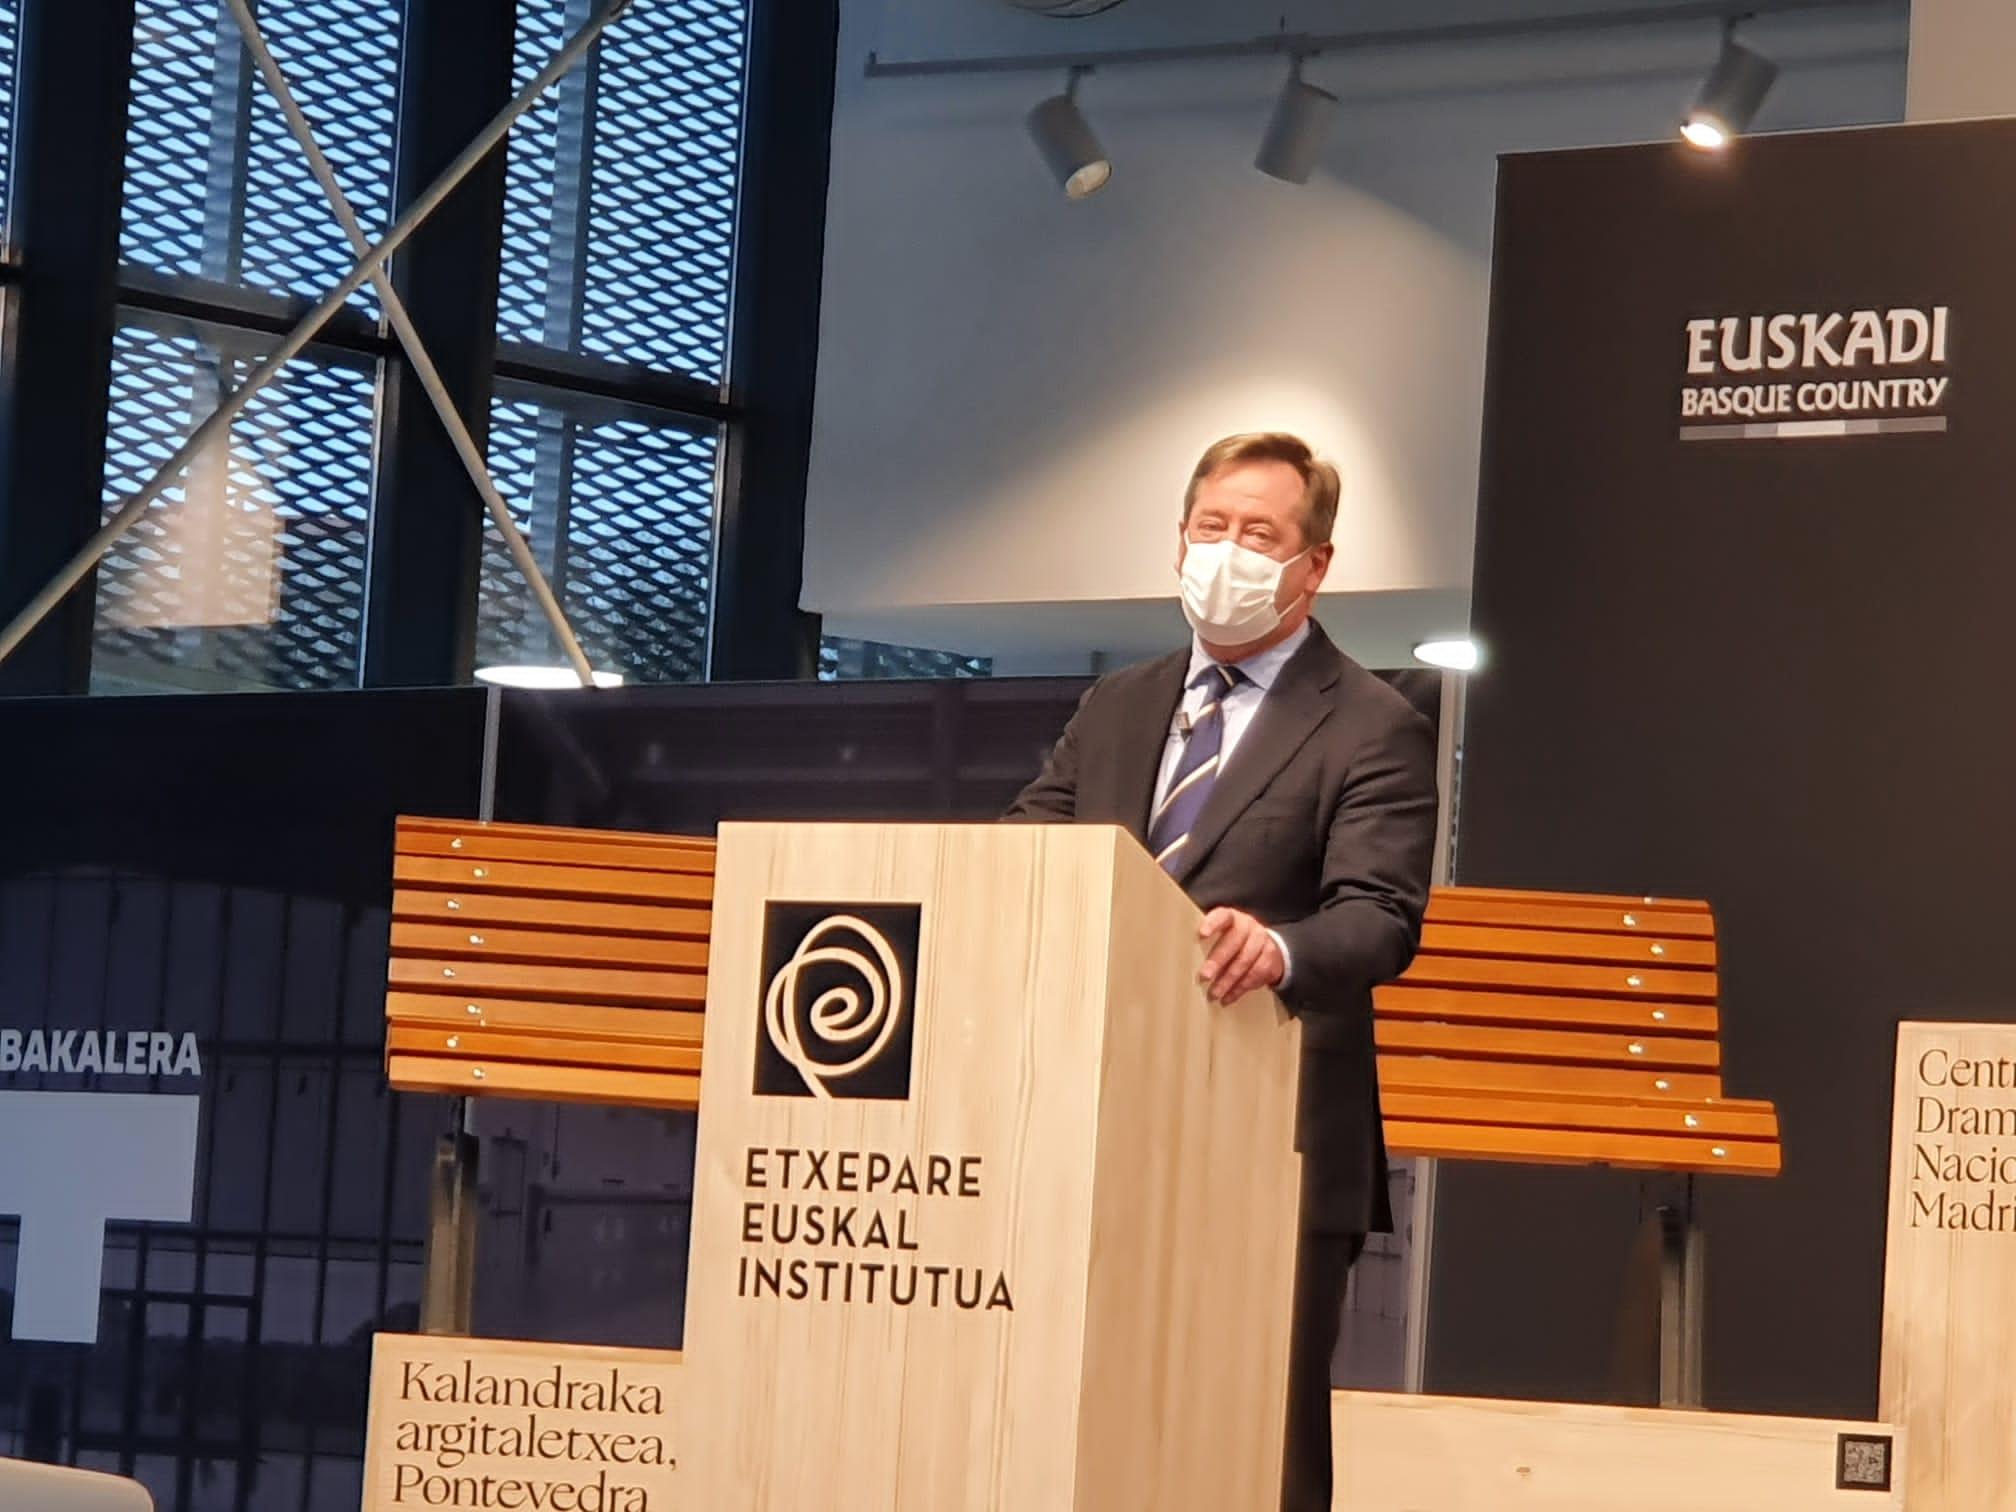 Etxepare Euskal Institutua cumple 10 años consolidado como instrumento para la difusión de la cultura vasca en el mundo [8:31]